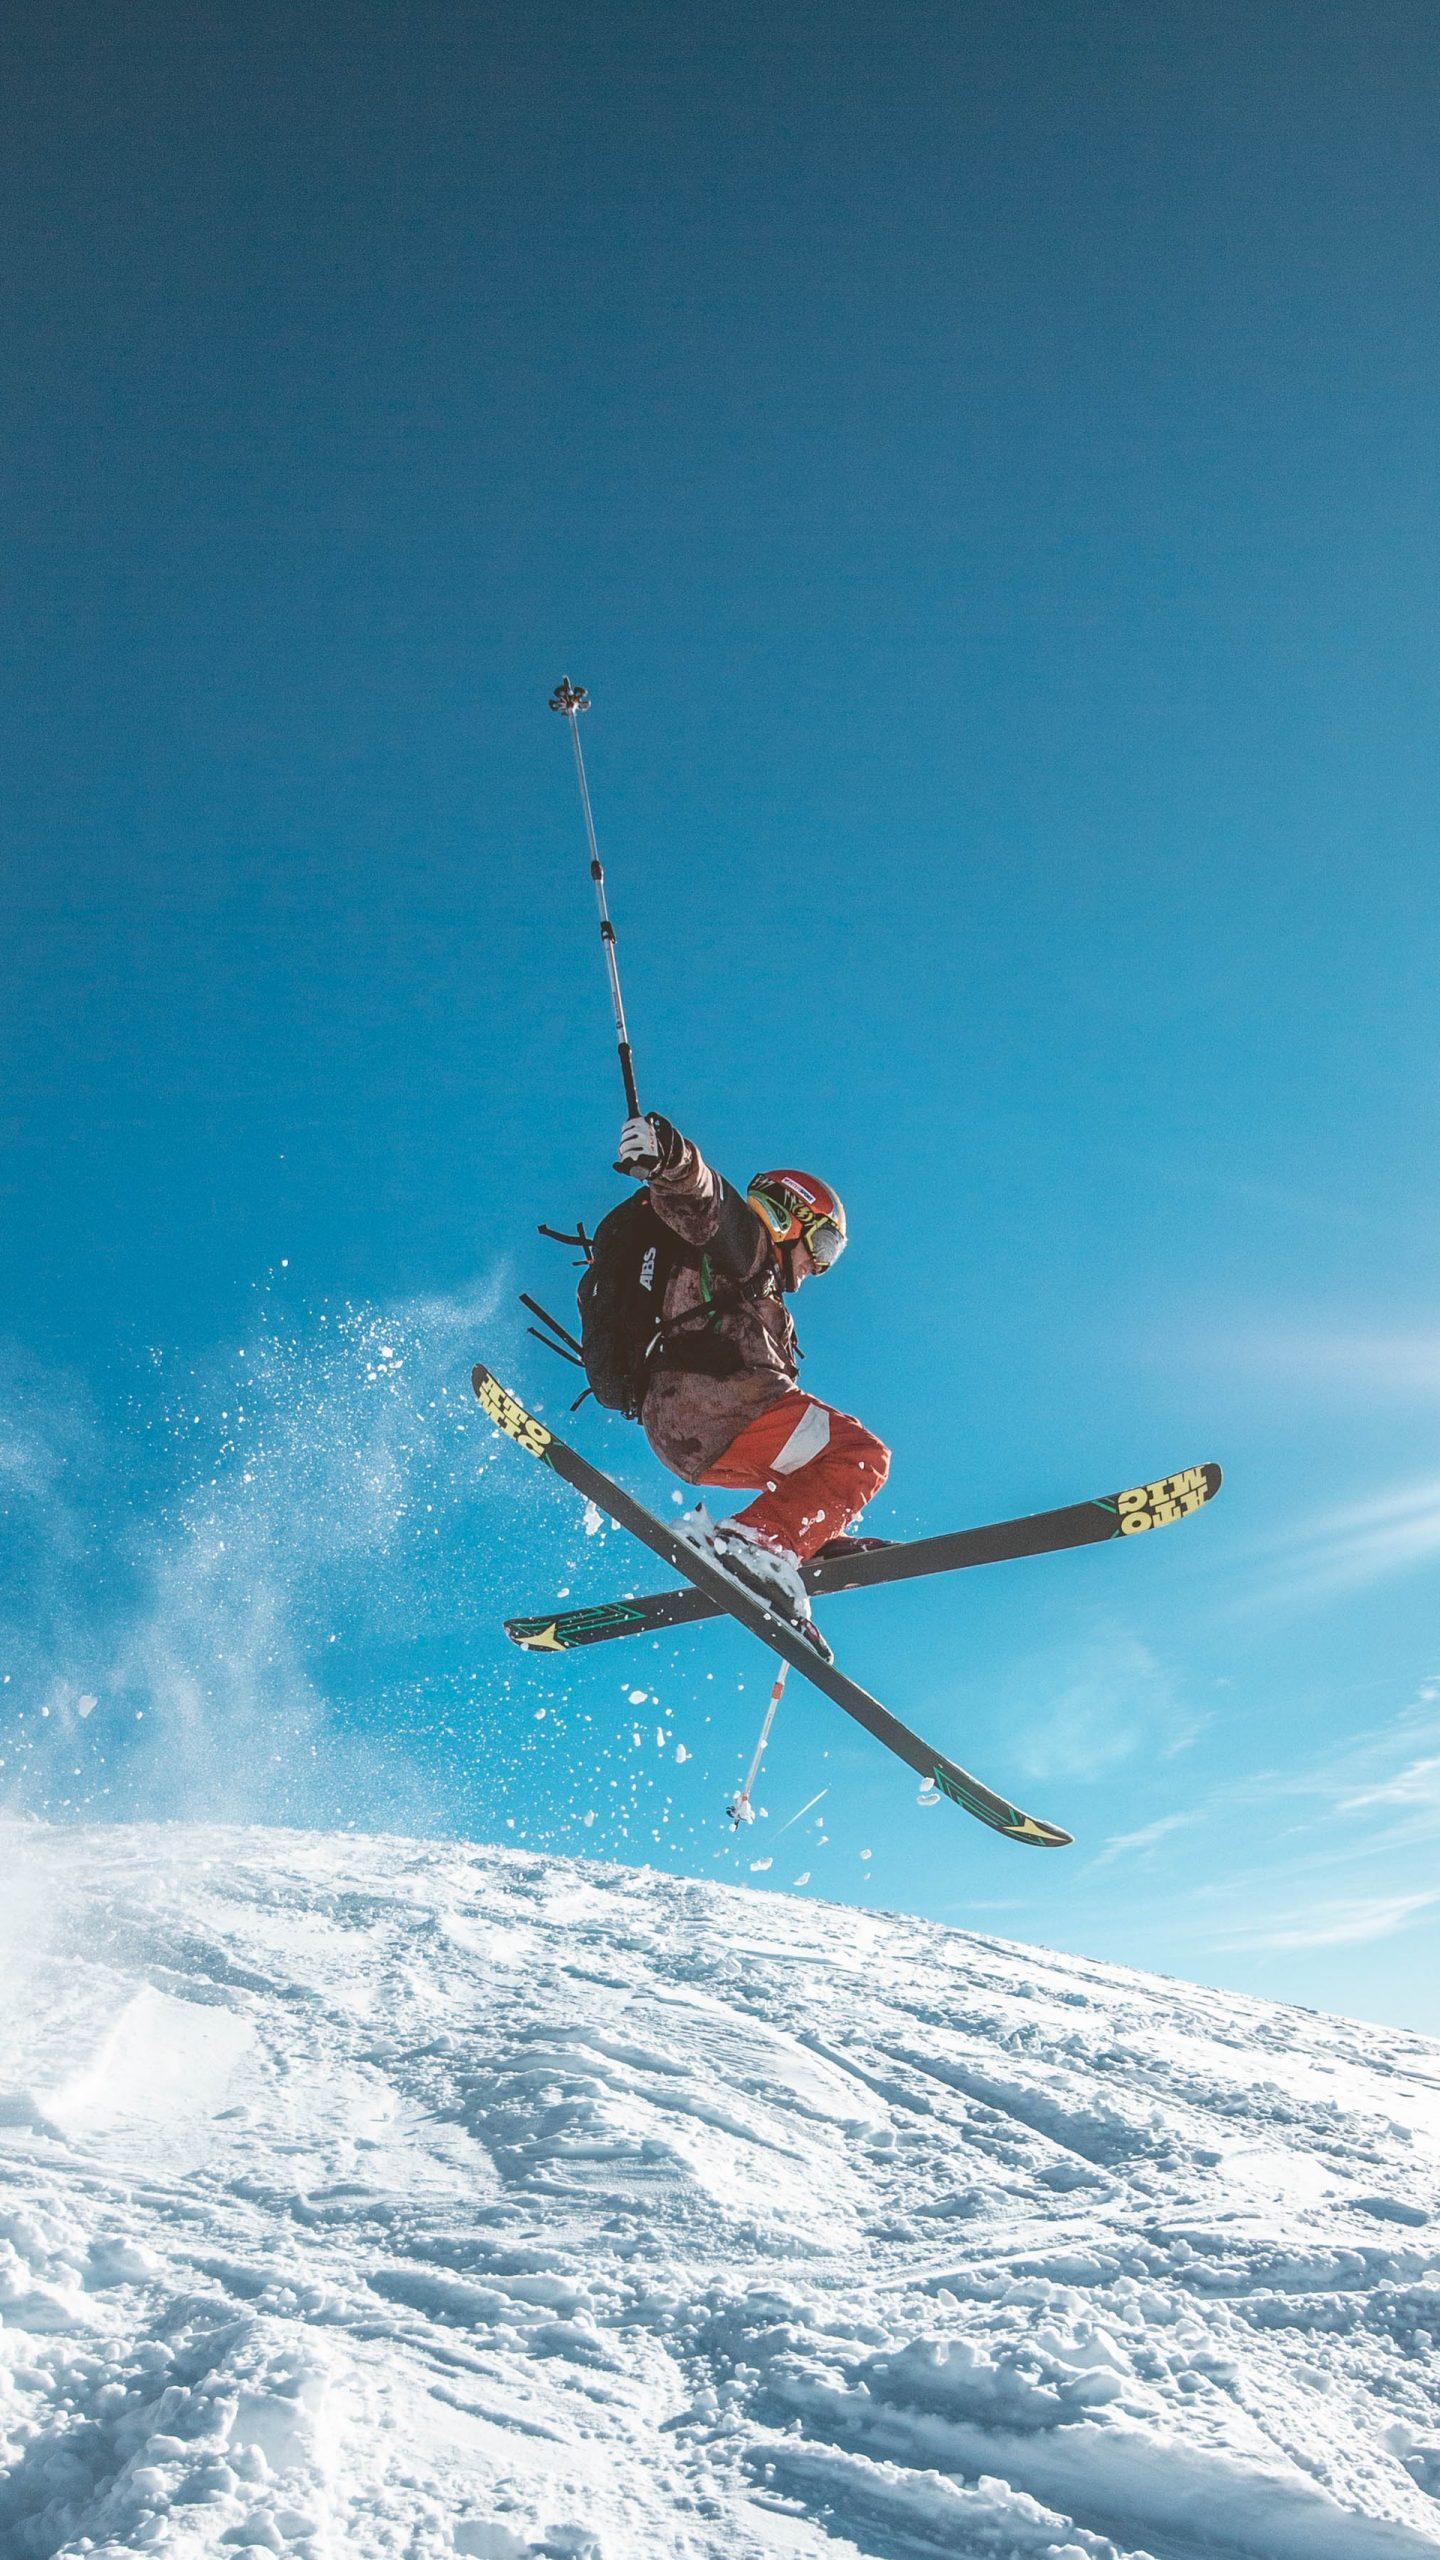 ski-snow